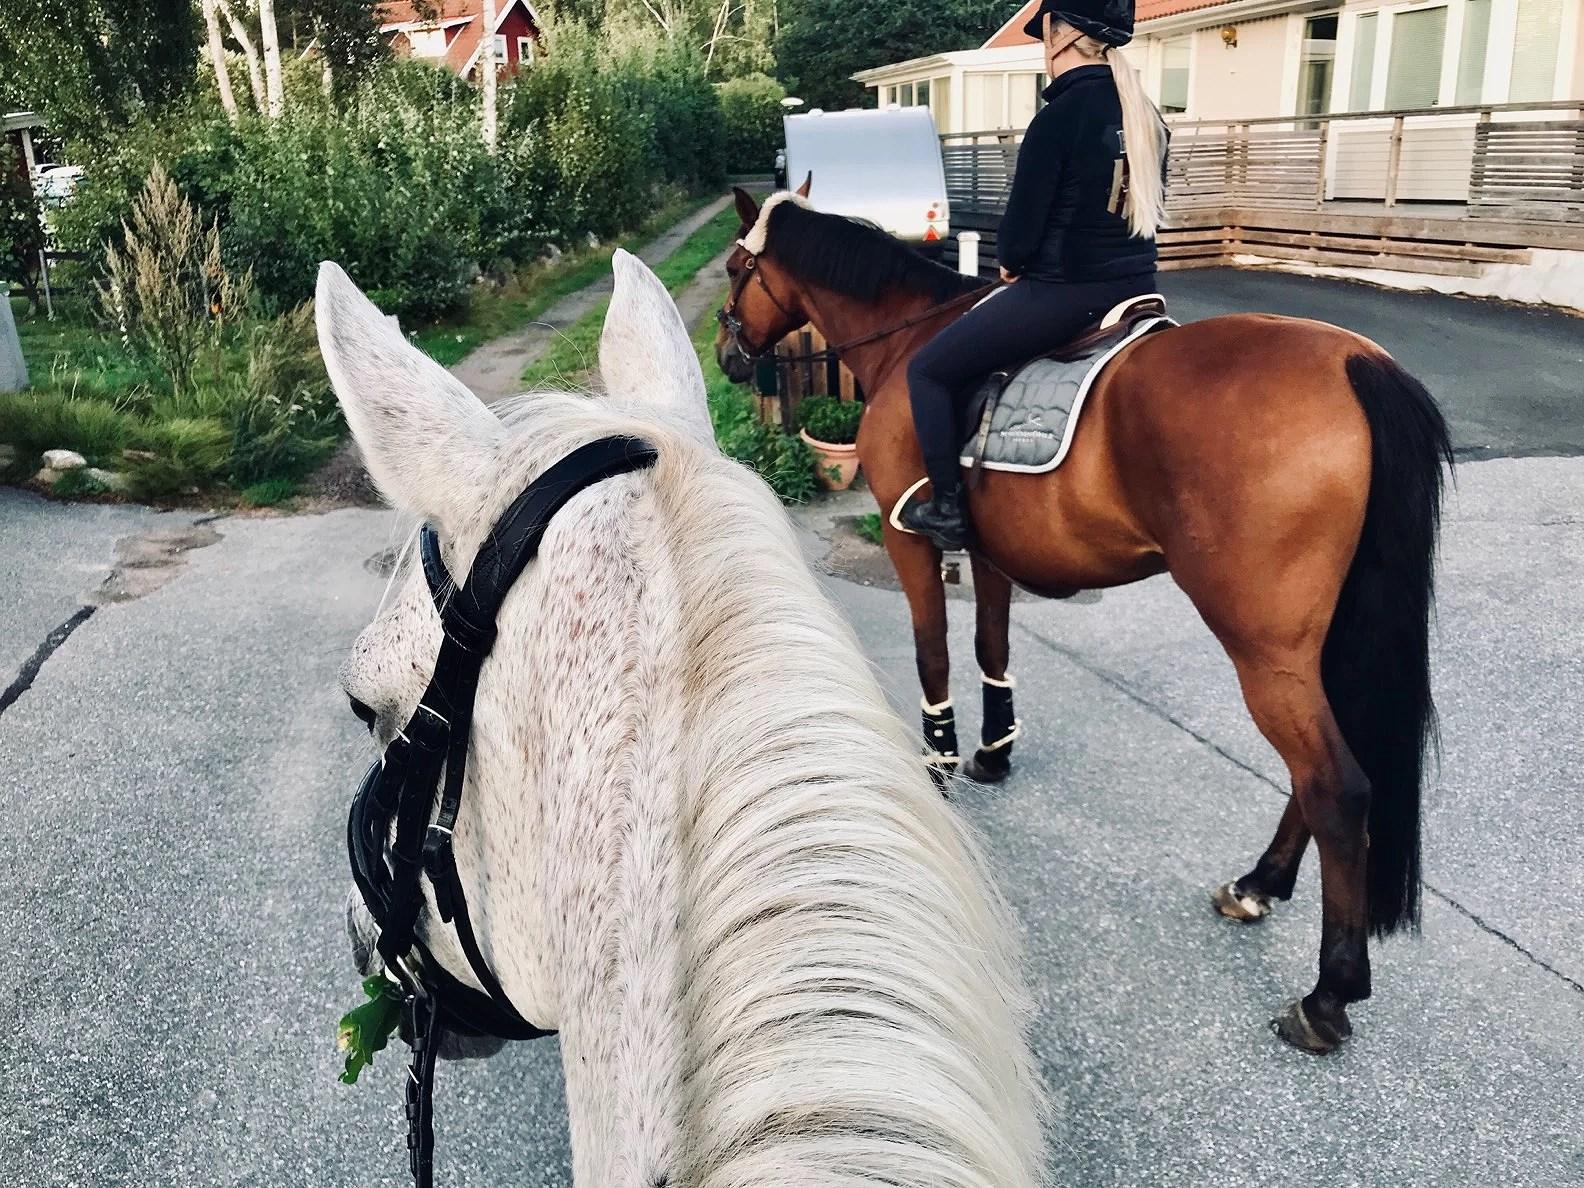 Imorgon kommer hästen!